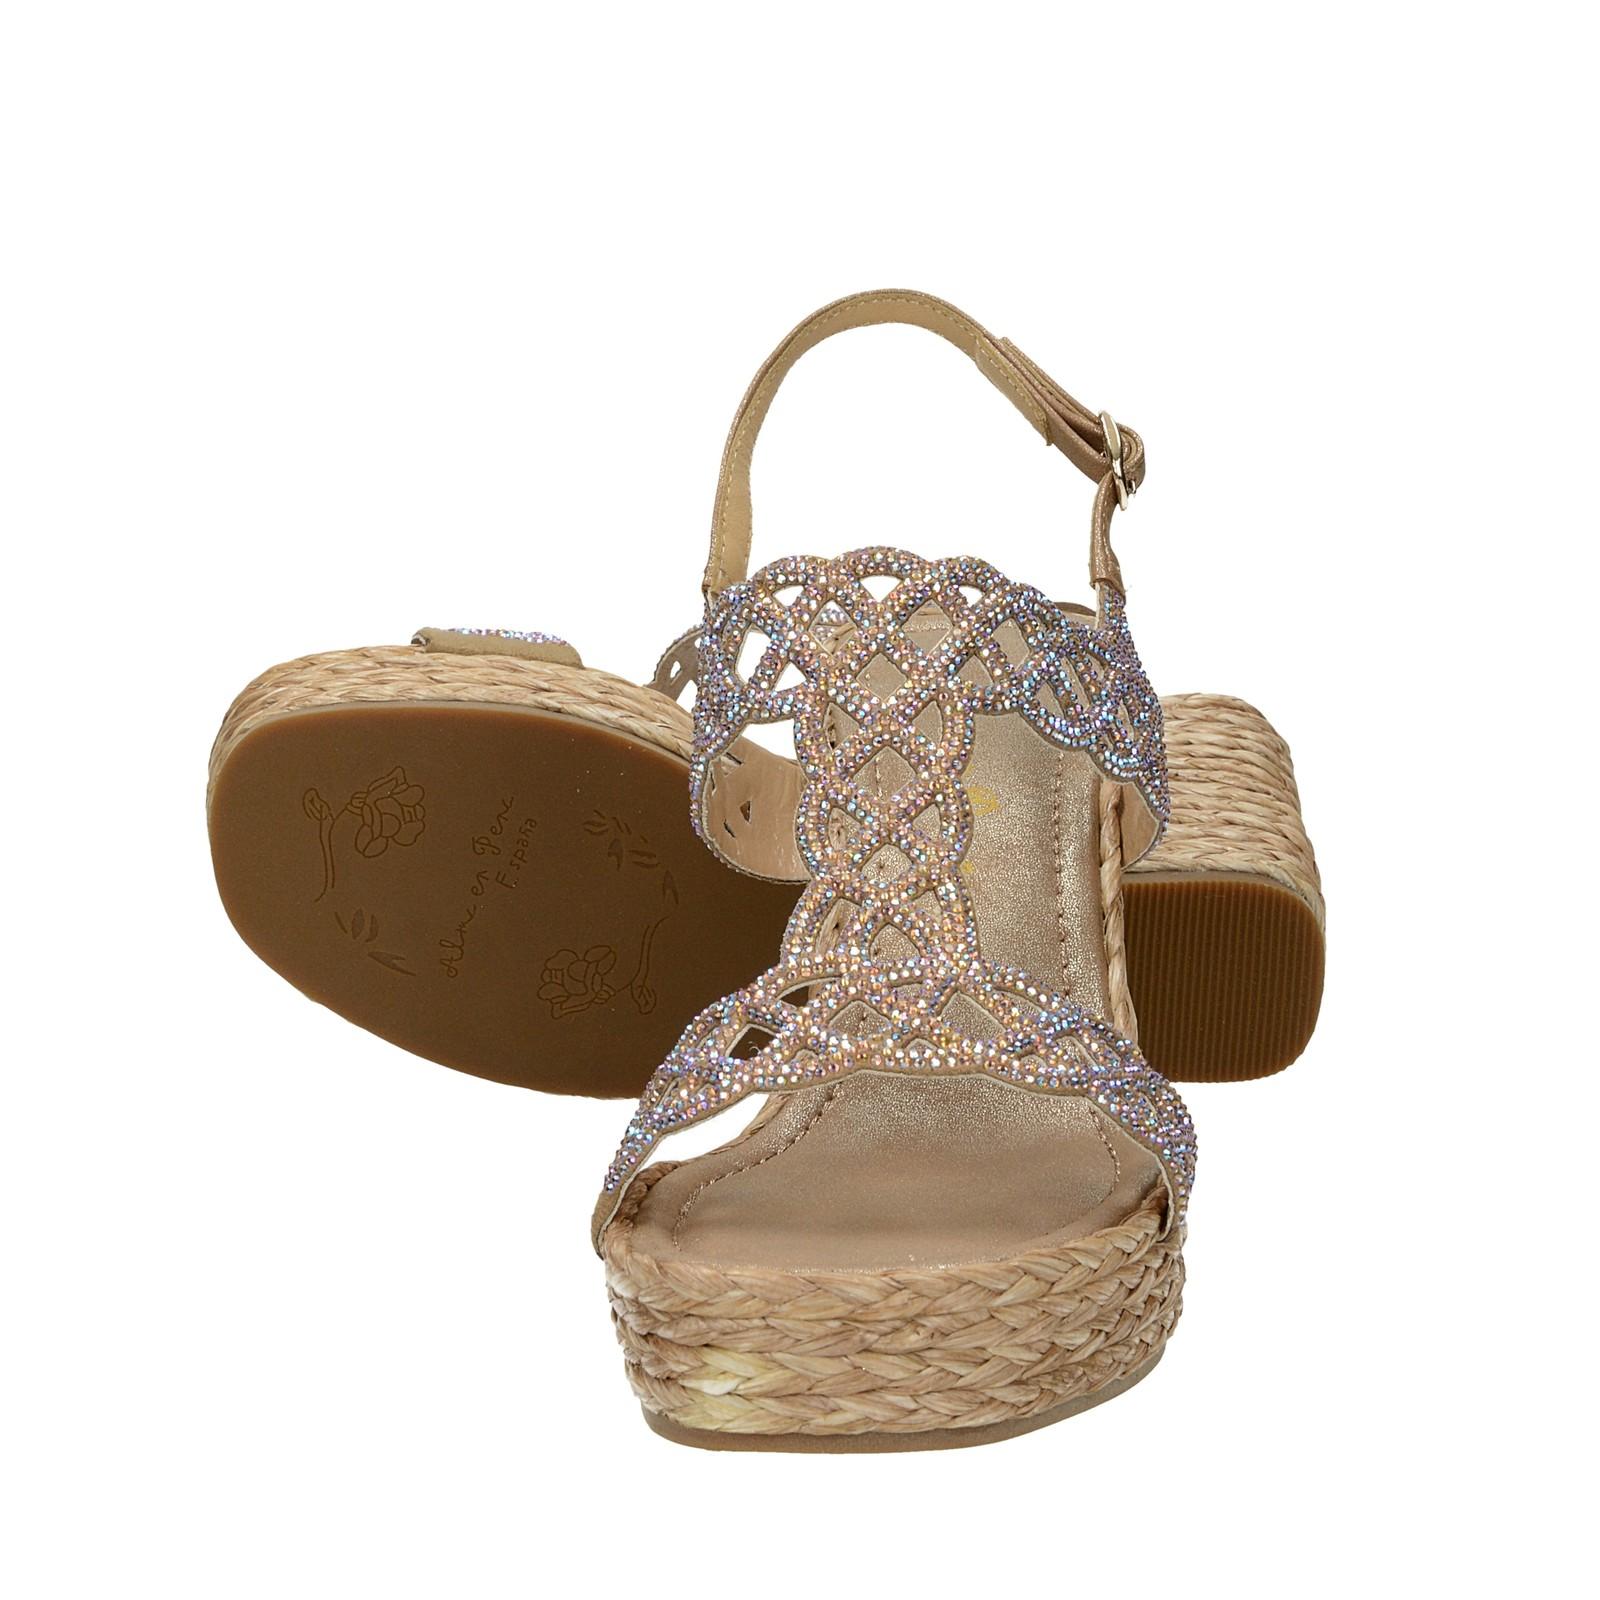 8a6d12040a6e ... Alma en Pena dámske štýlové sandále s ozdobnými kamienkami - béžové ...